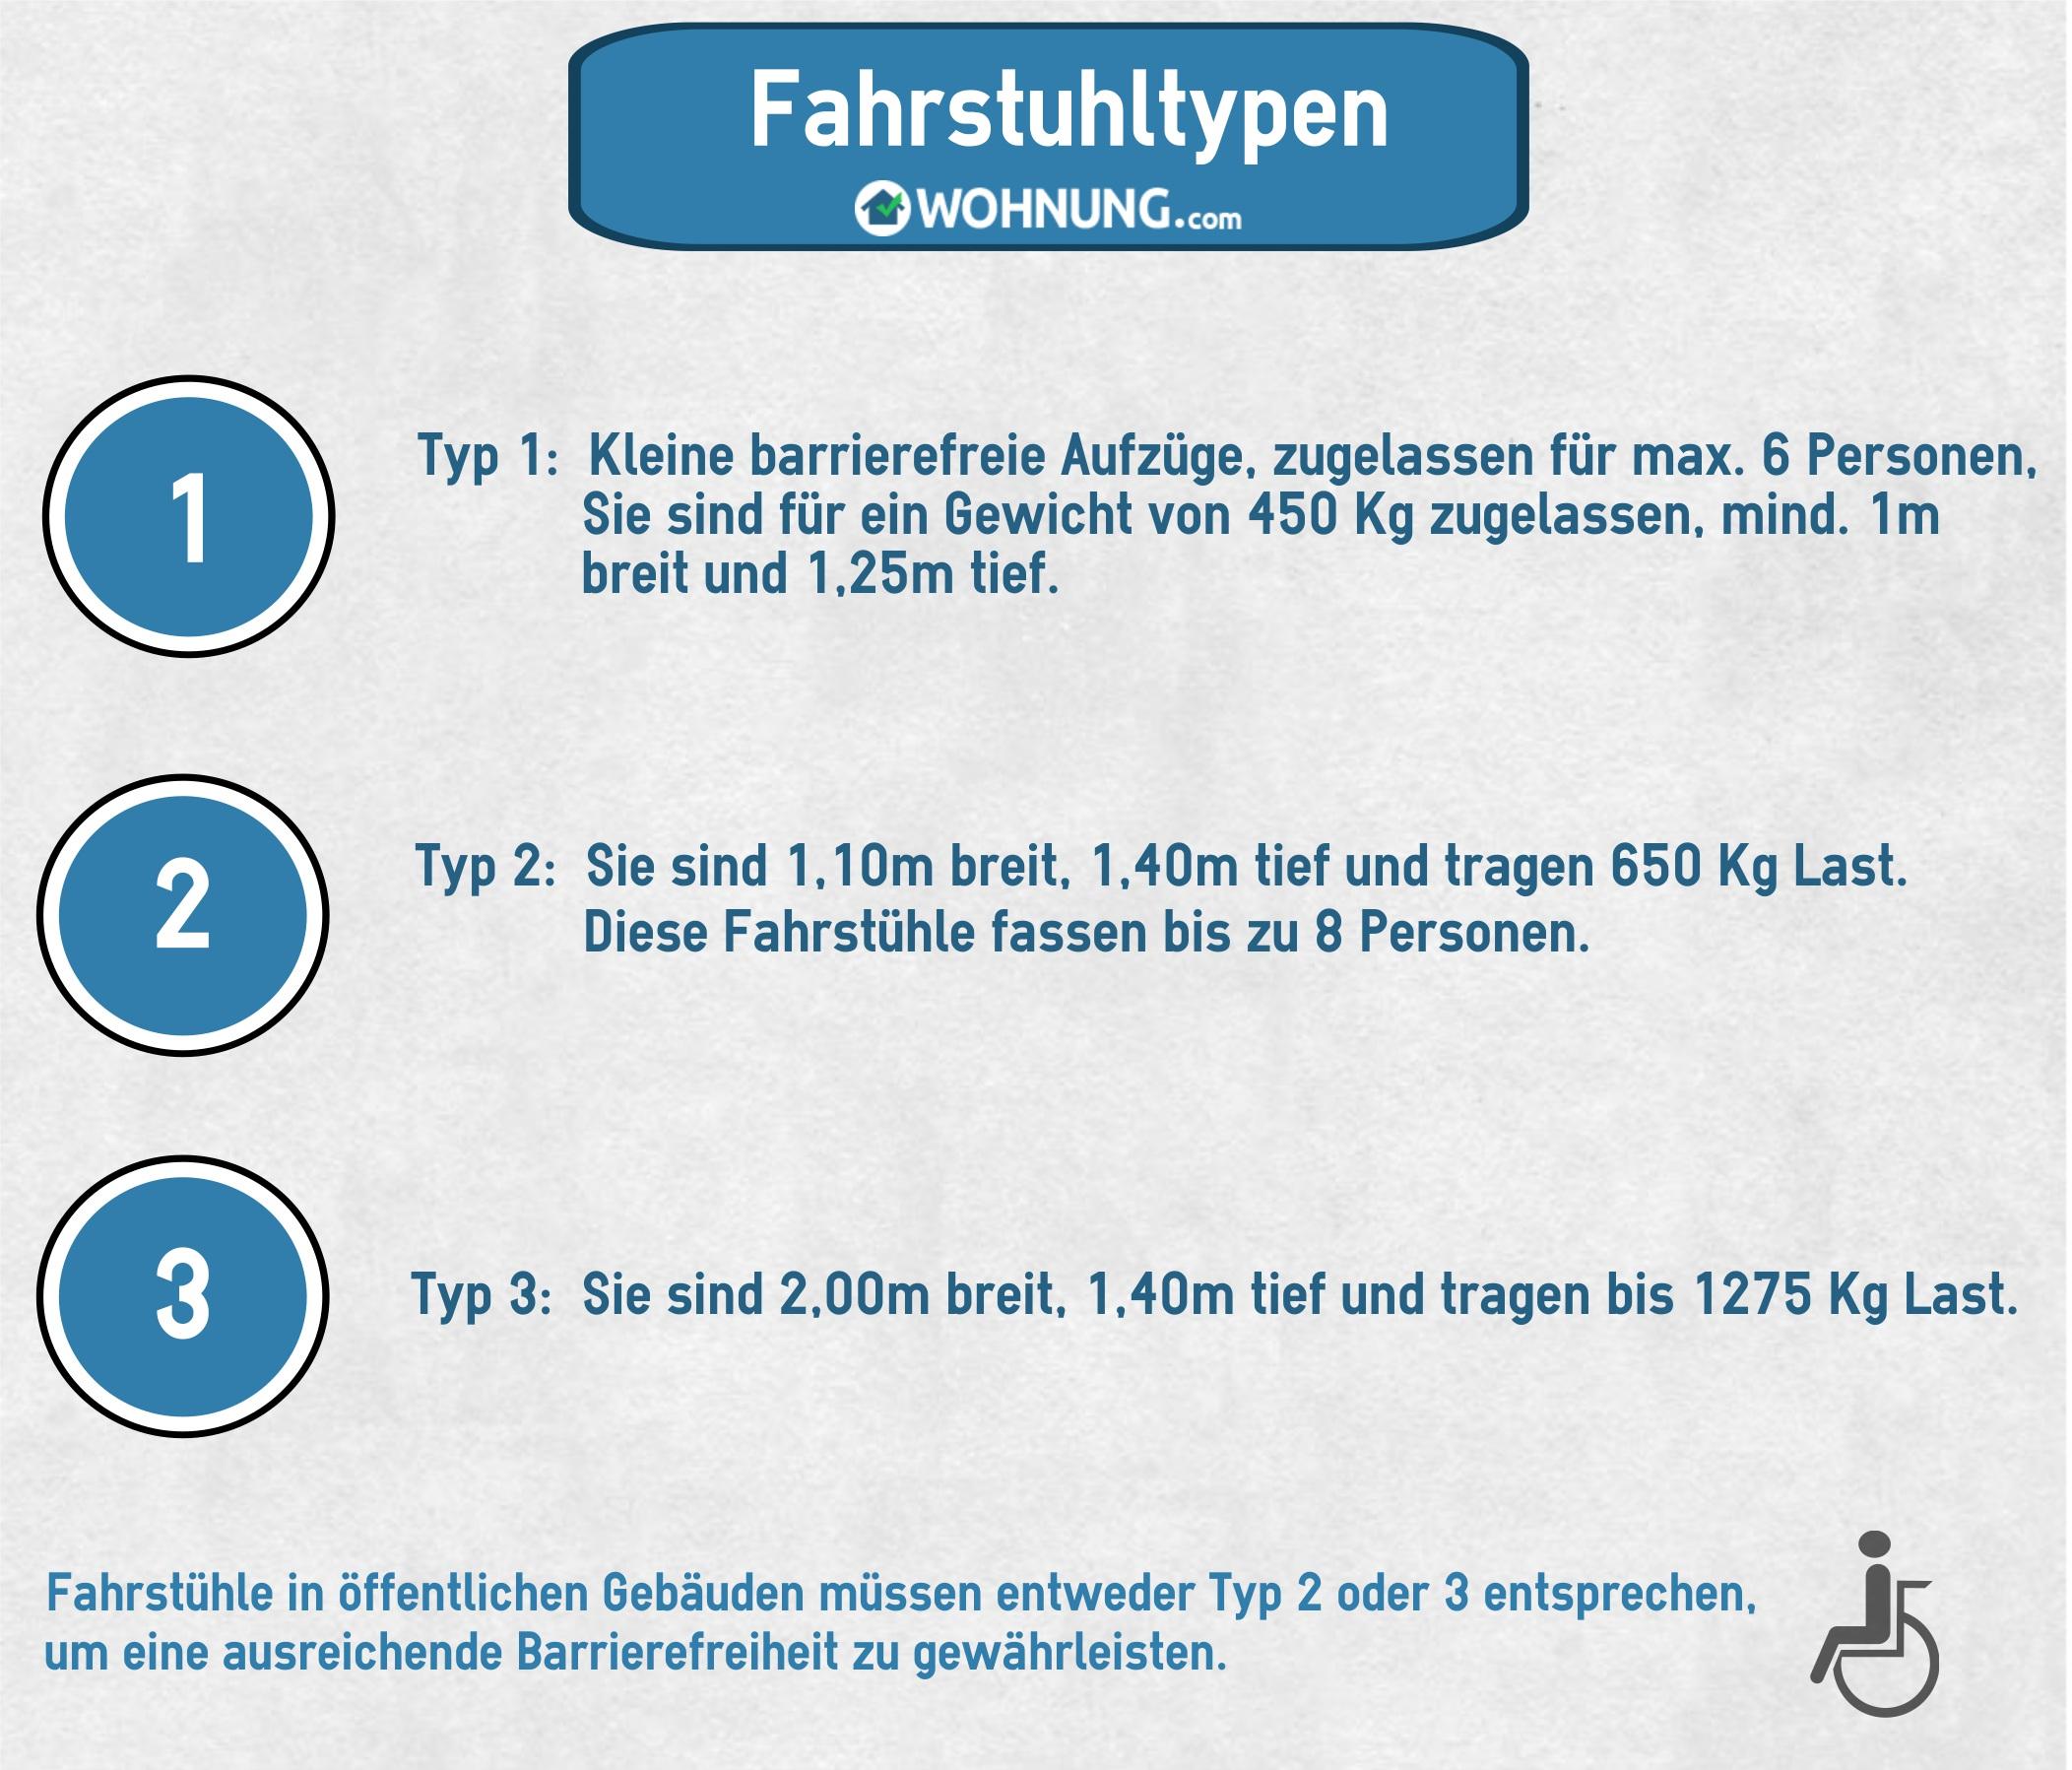 Turbo Fahrstühle: Größe und Fassungsvermögen - Wohnung.com Ratgeber HE73